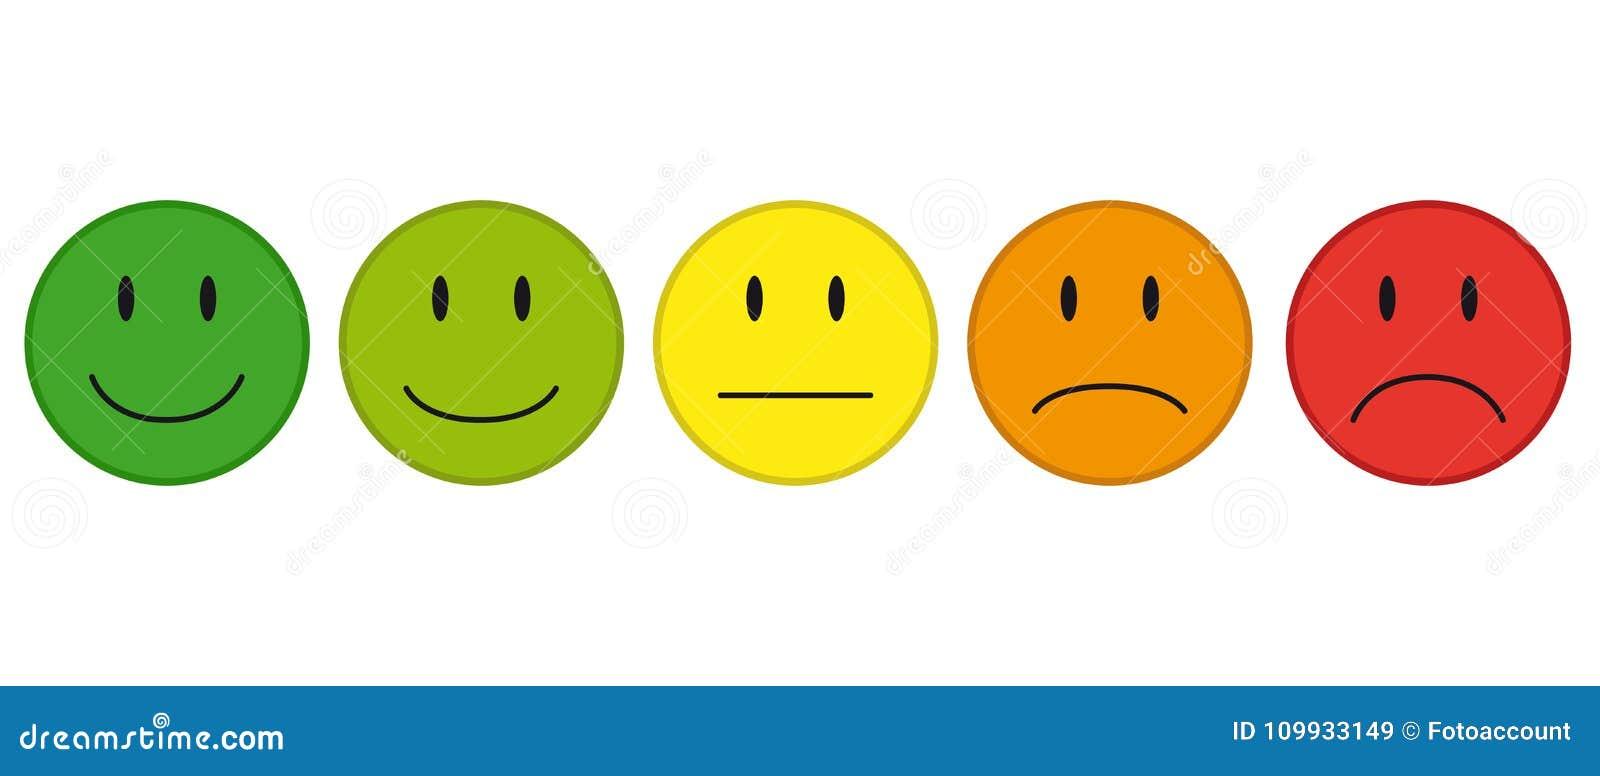 Farbgesichter für Feedback oder Stimmung - 5 Vektor-Ikonen